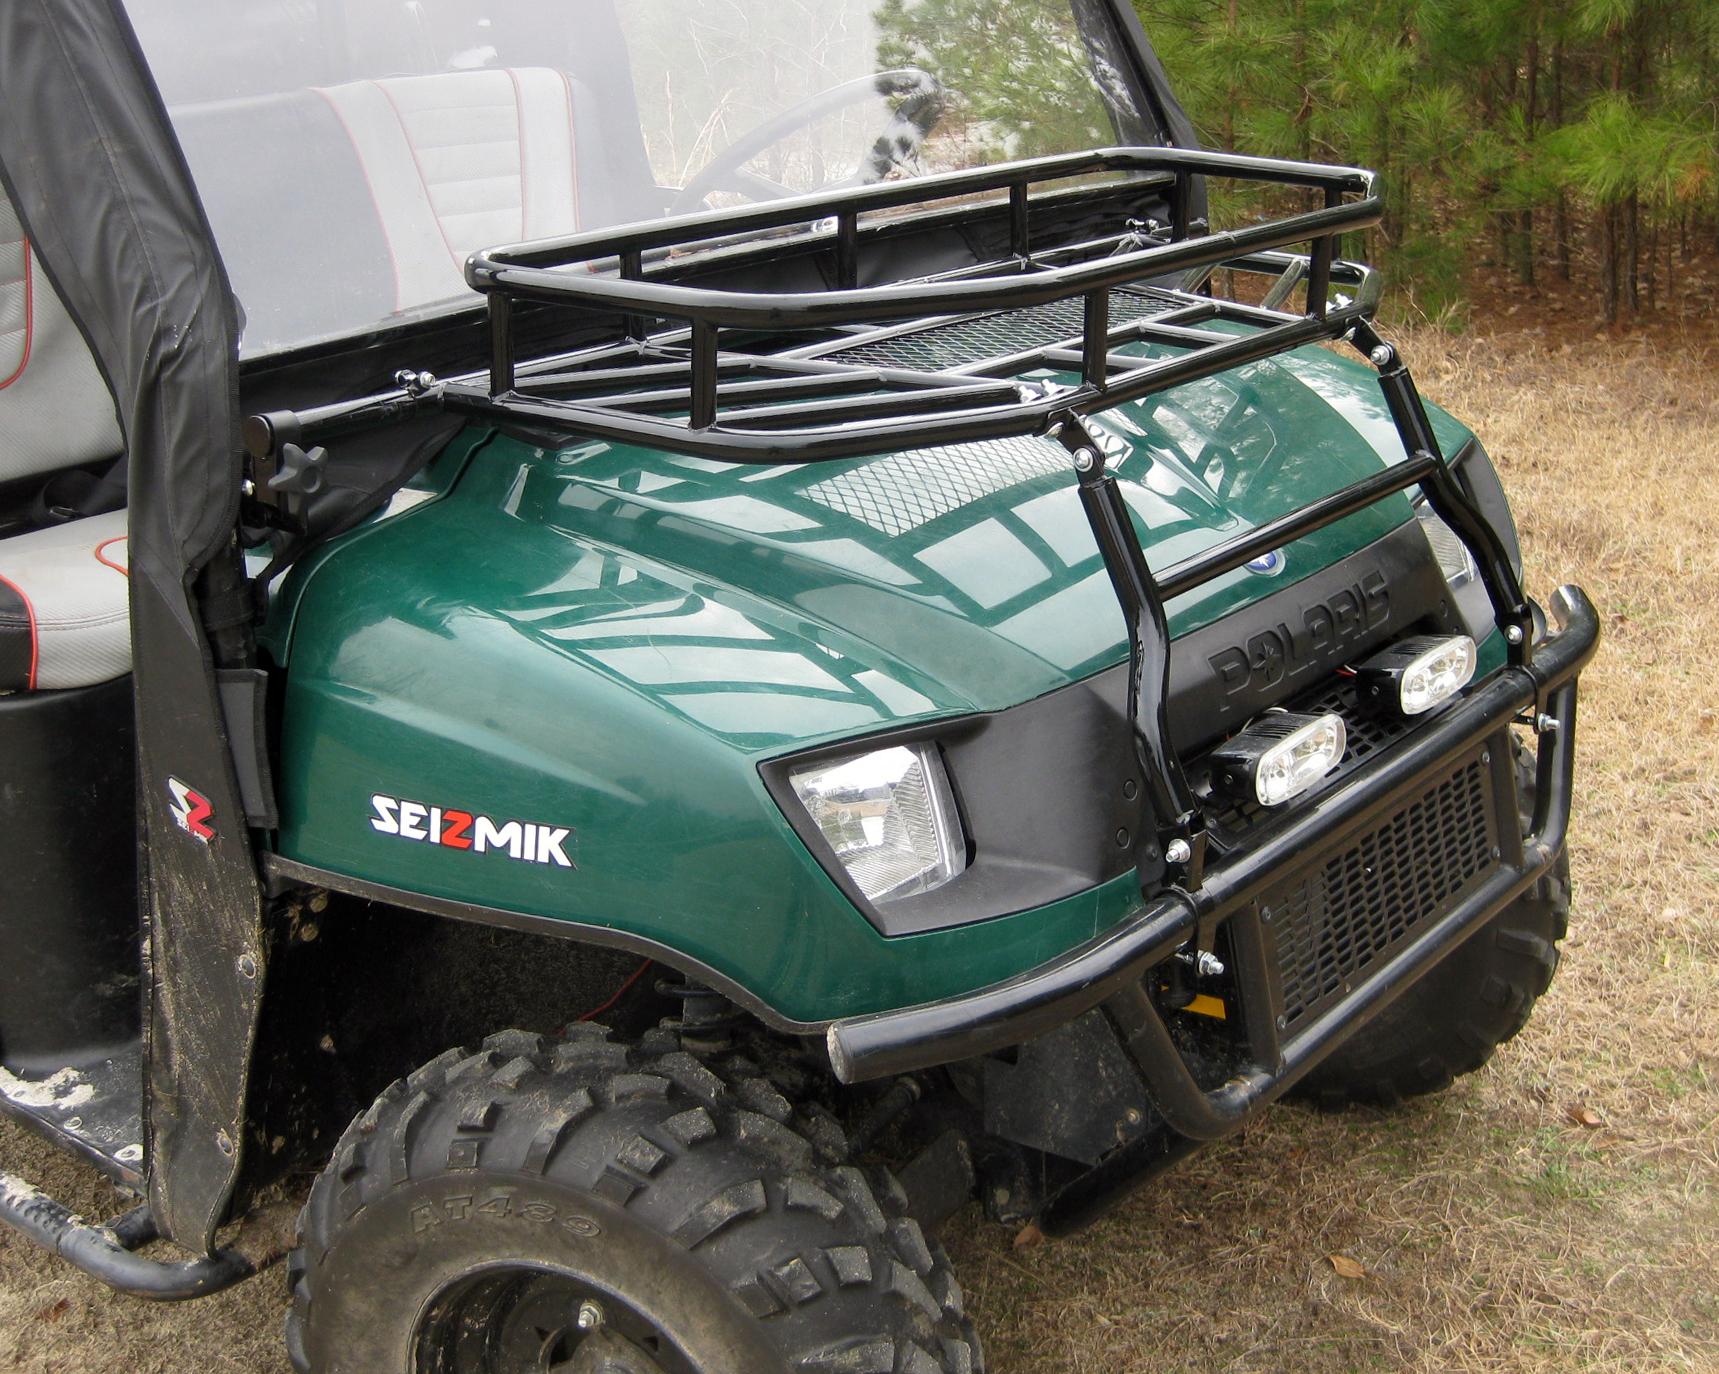 Hood Rack Polaris Round Tube Ranger 2002 2008 Seizmik